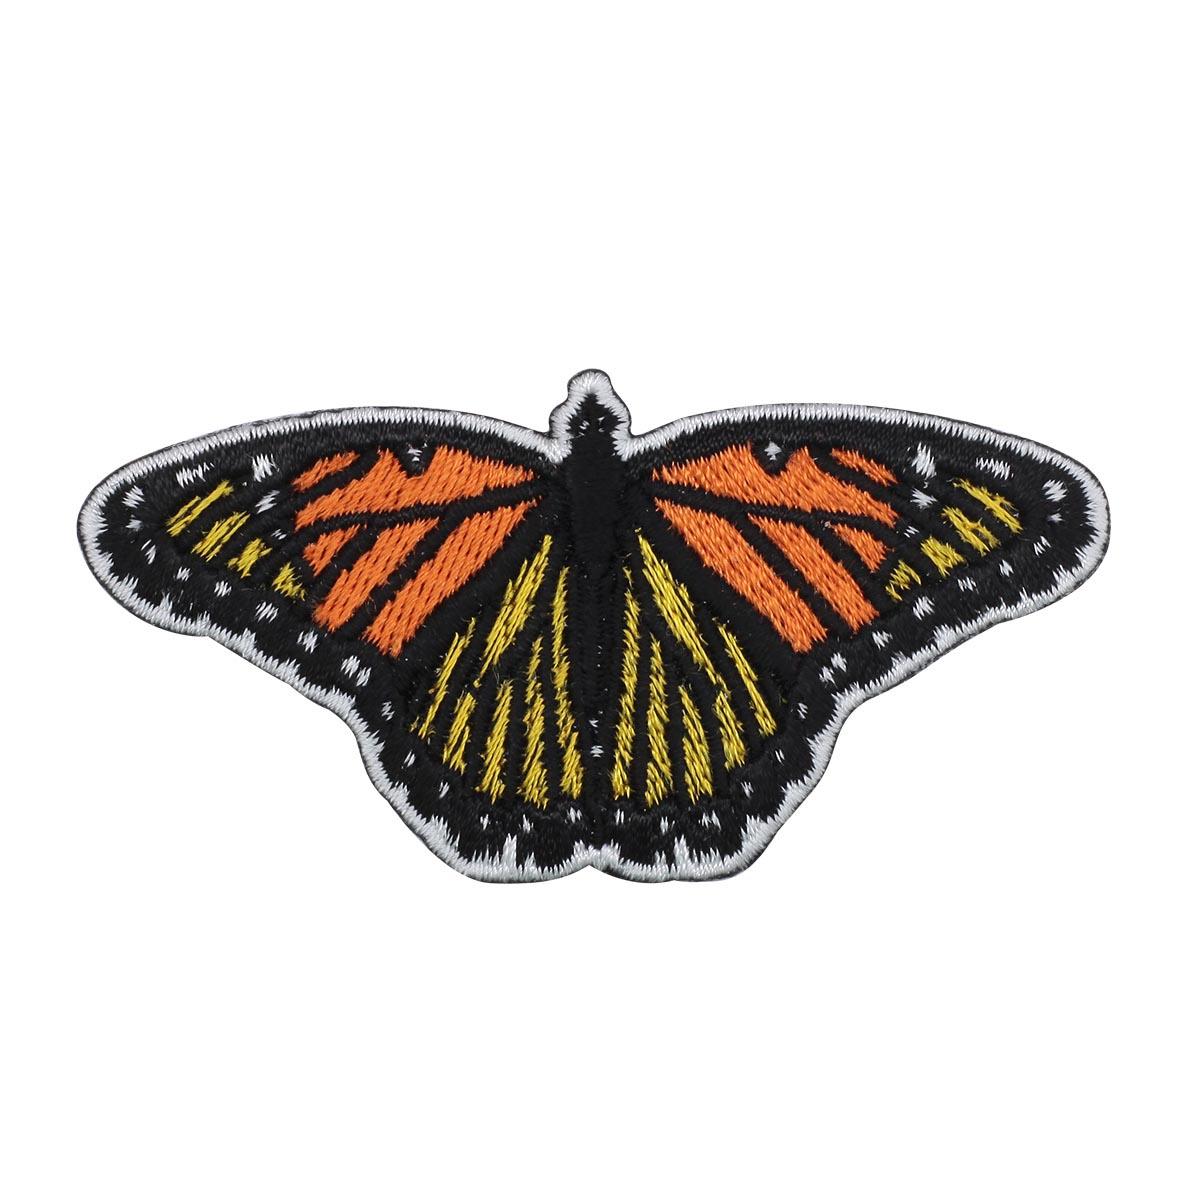 Термоаппликация 'Бабочка' 4*7,5см Hobby&Pro